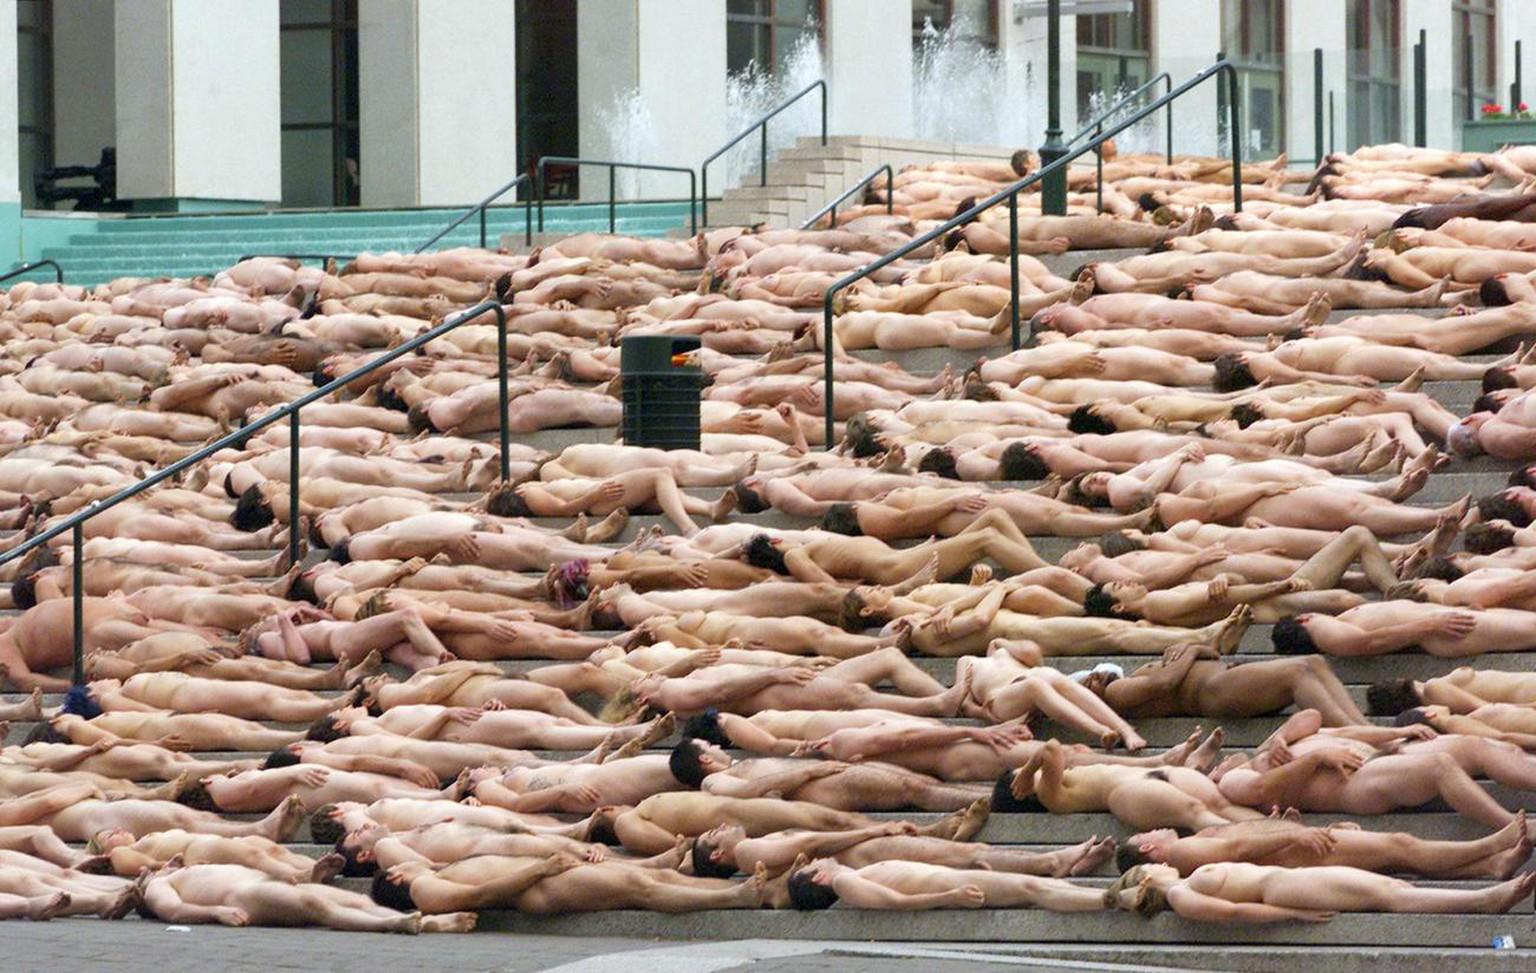 spencer tunick hat es wieder getan tausende posieren nackt Überall auf der welt blutt für tunick